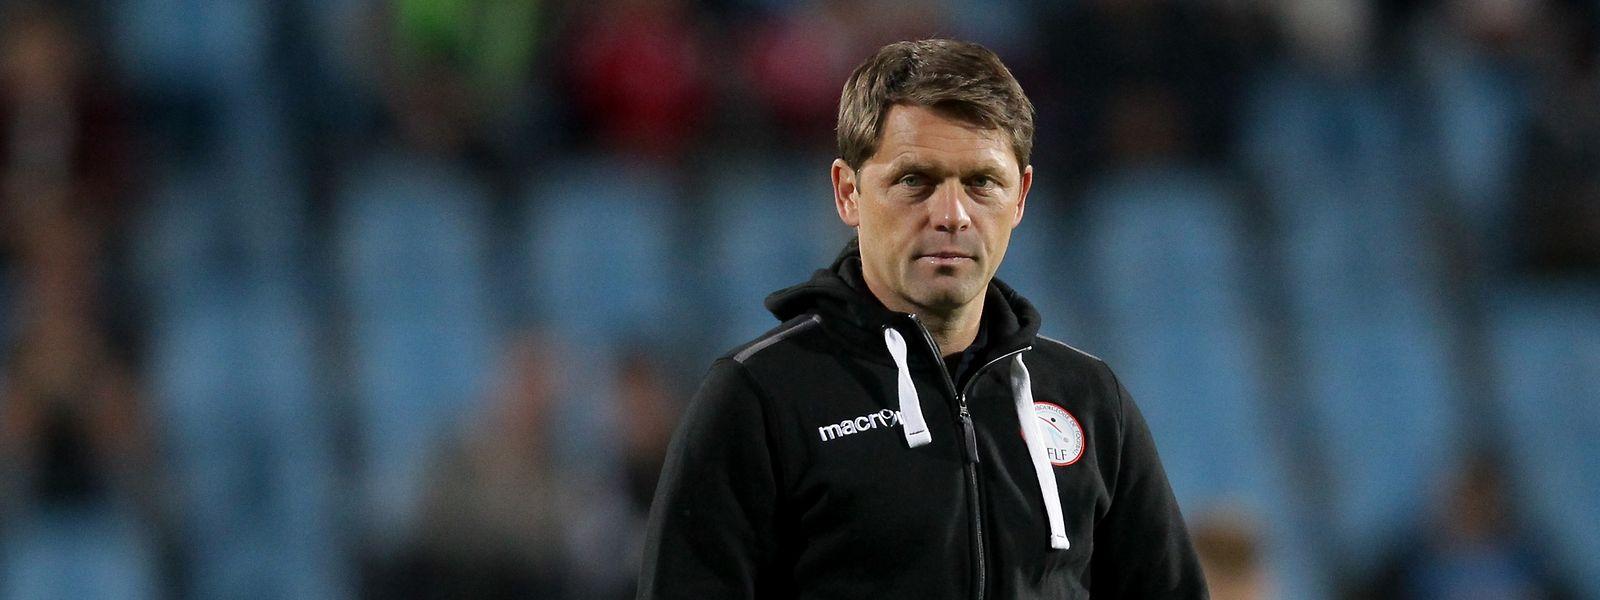 Nationaltrainer Luc Holtz kann mit dem Start in die Nations League nur zufrieden sein.